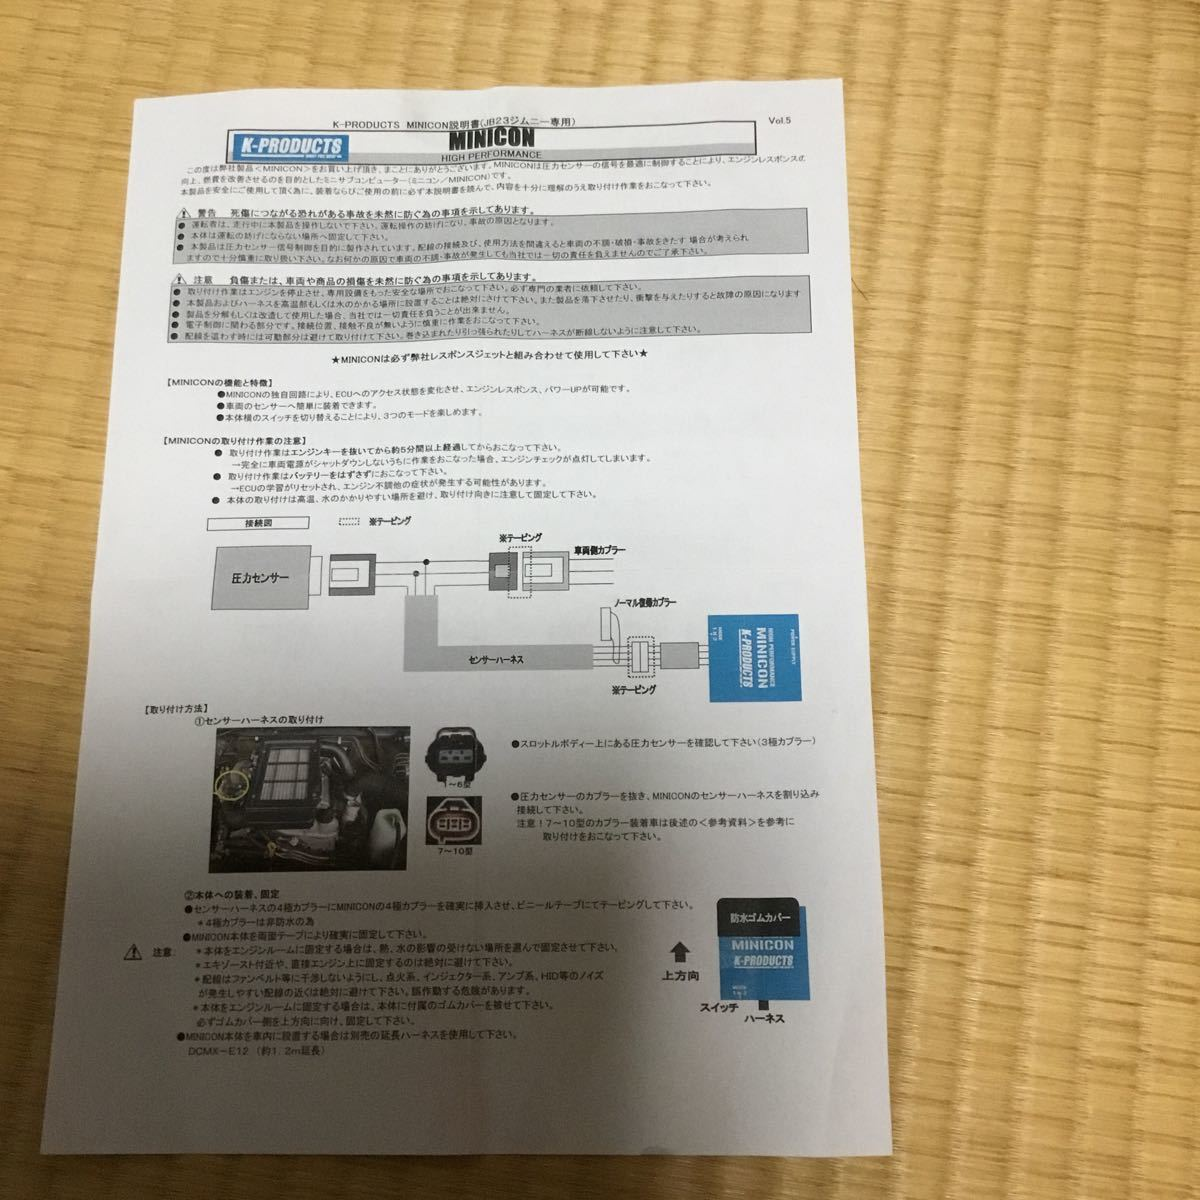 ジムニー レスポンスジェット&ミニコンセット JB23 K-PRODUCTSオリジナル サブコン 中古_画像3